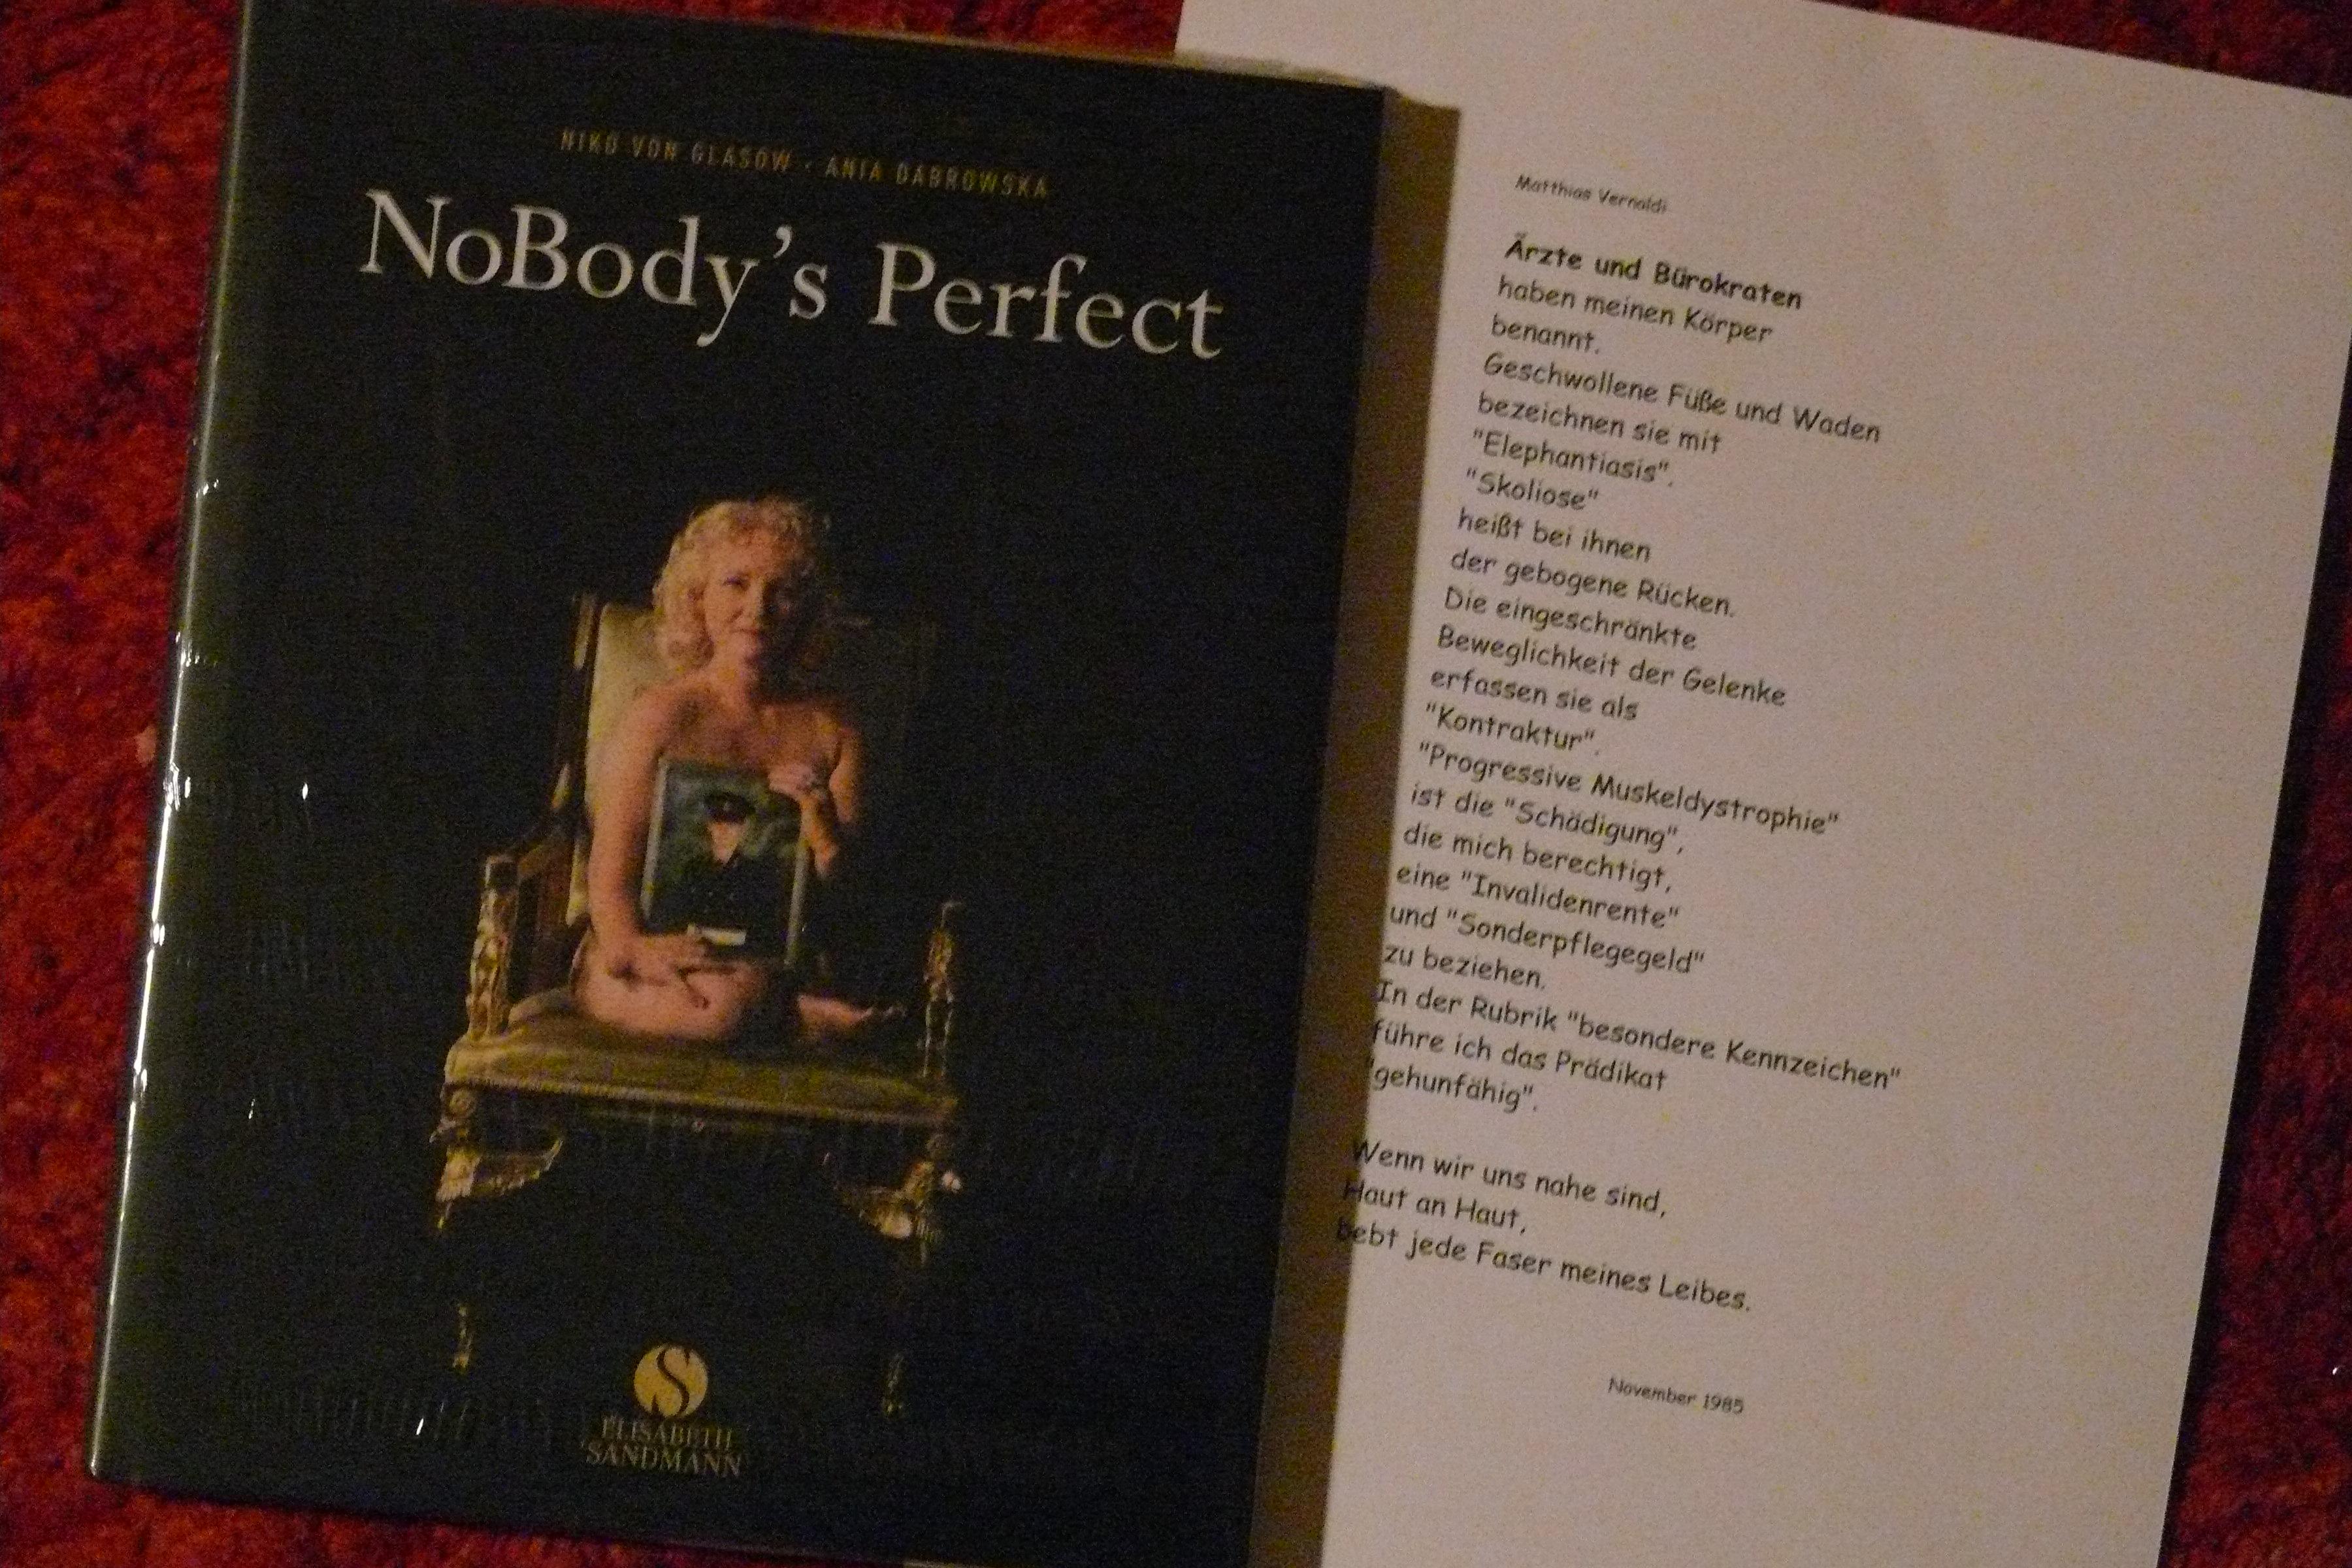 Buch zum Film NoBody's Perfect und Gedicht von Matthias Vernaldi